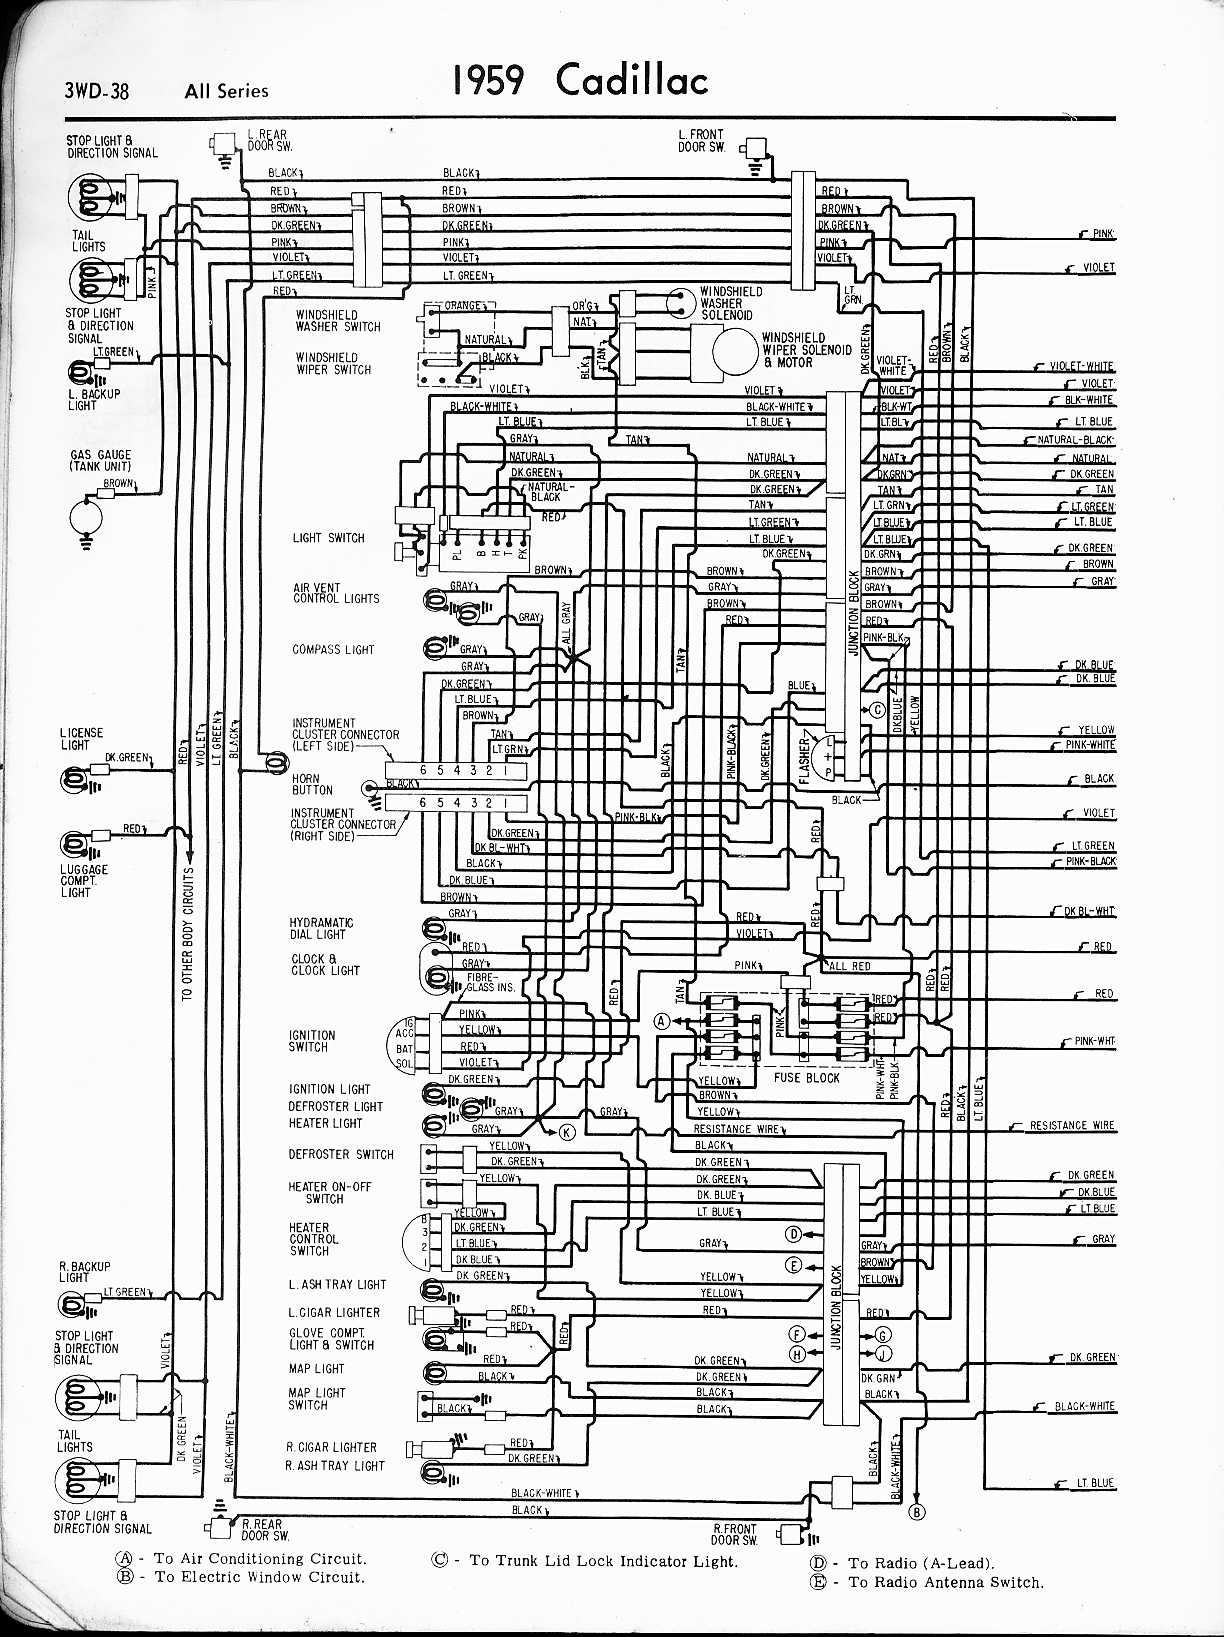 1964 cadillac ac wiring diagram wiring diagram g81964 cadillac ac wiring diagram wiring library diagram h9 car wiring diagrams 1964 cadillac ac wiring diagram